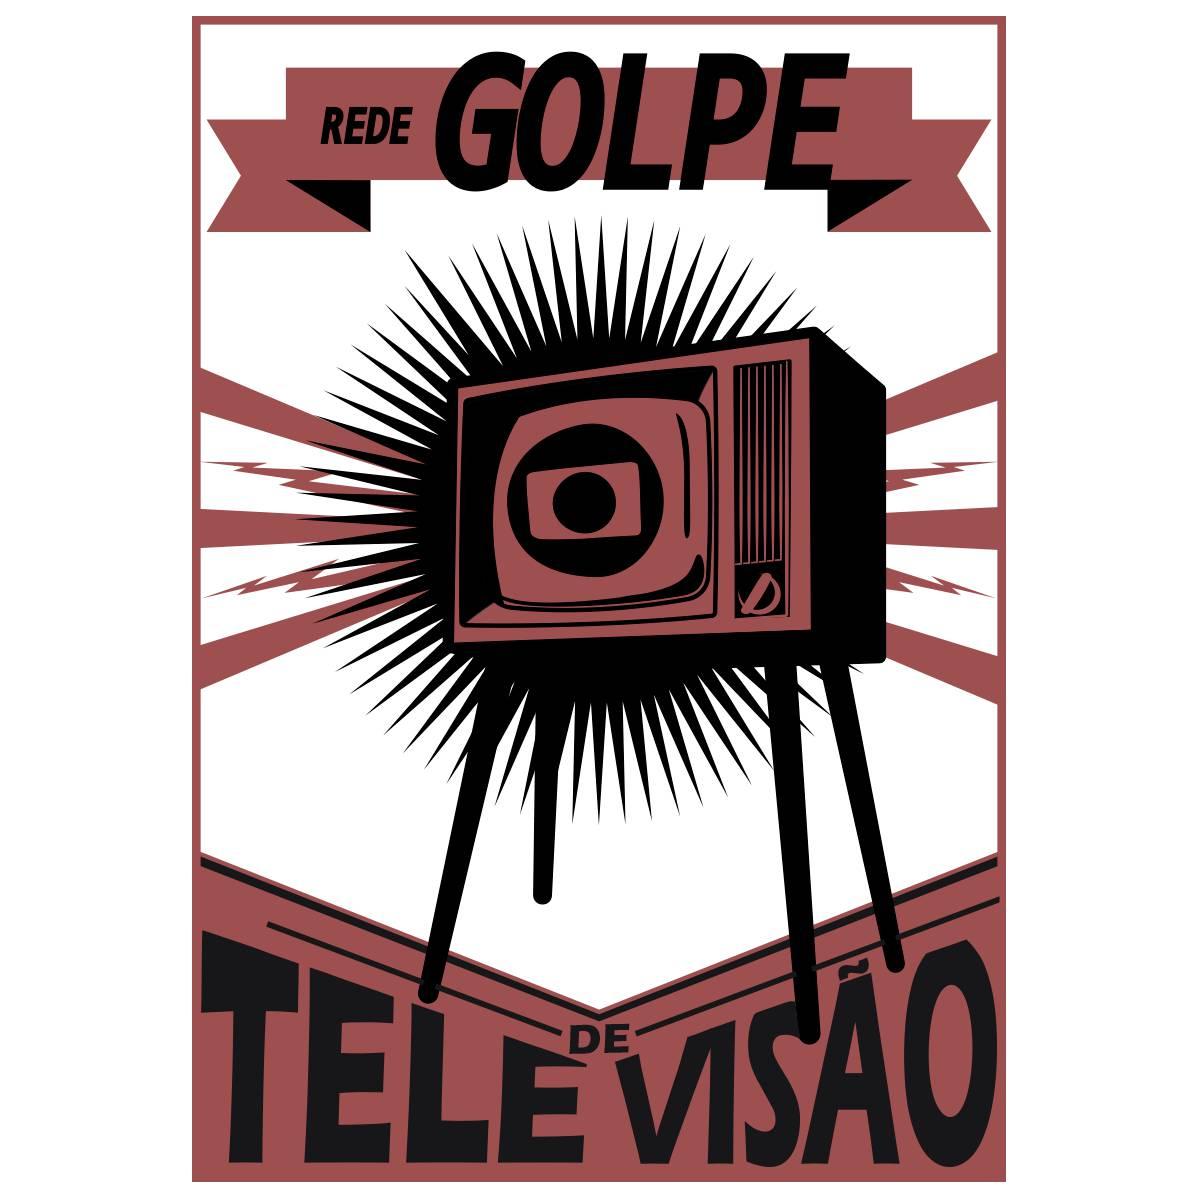 Ilustração Rede Golpe de televisão